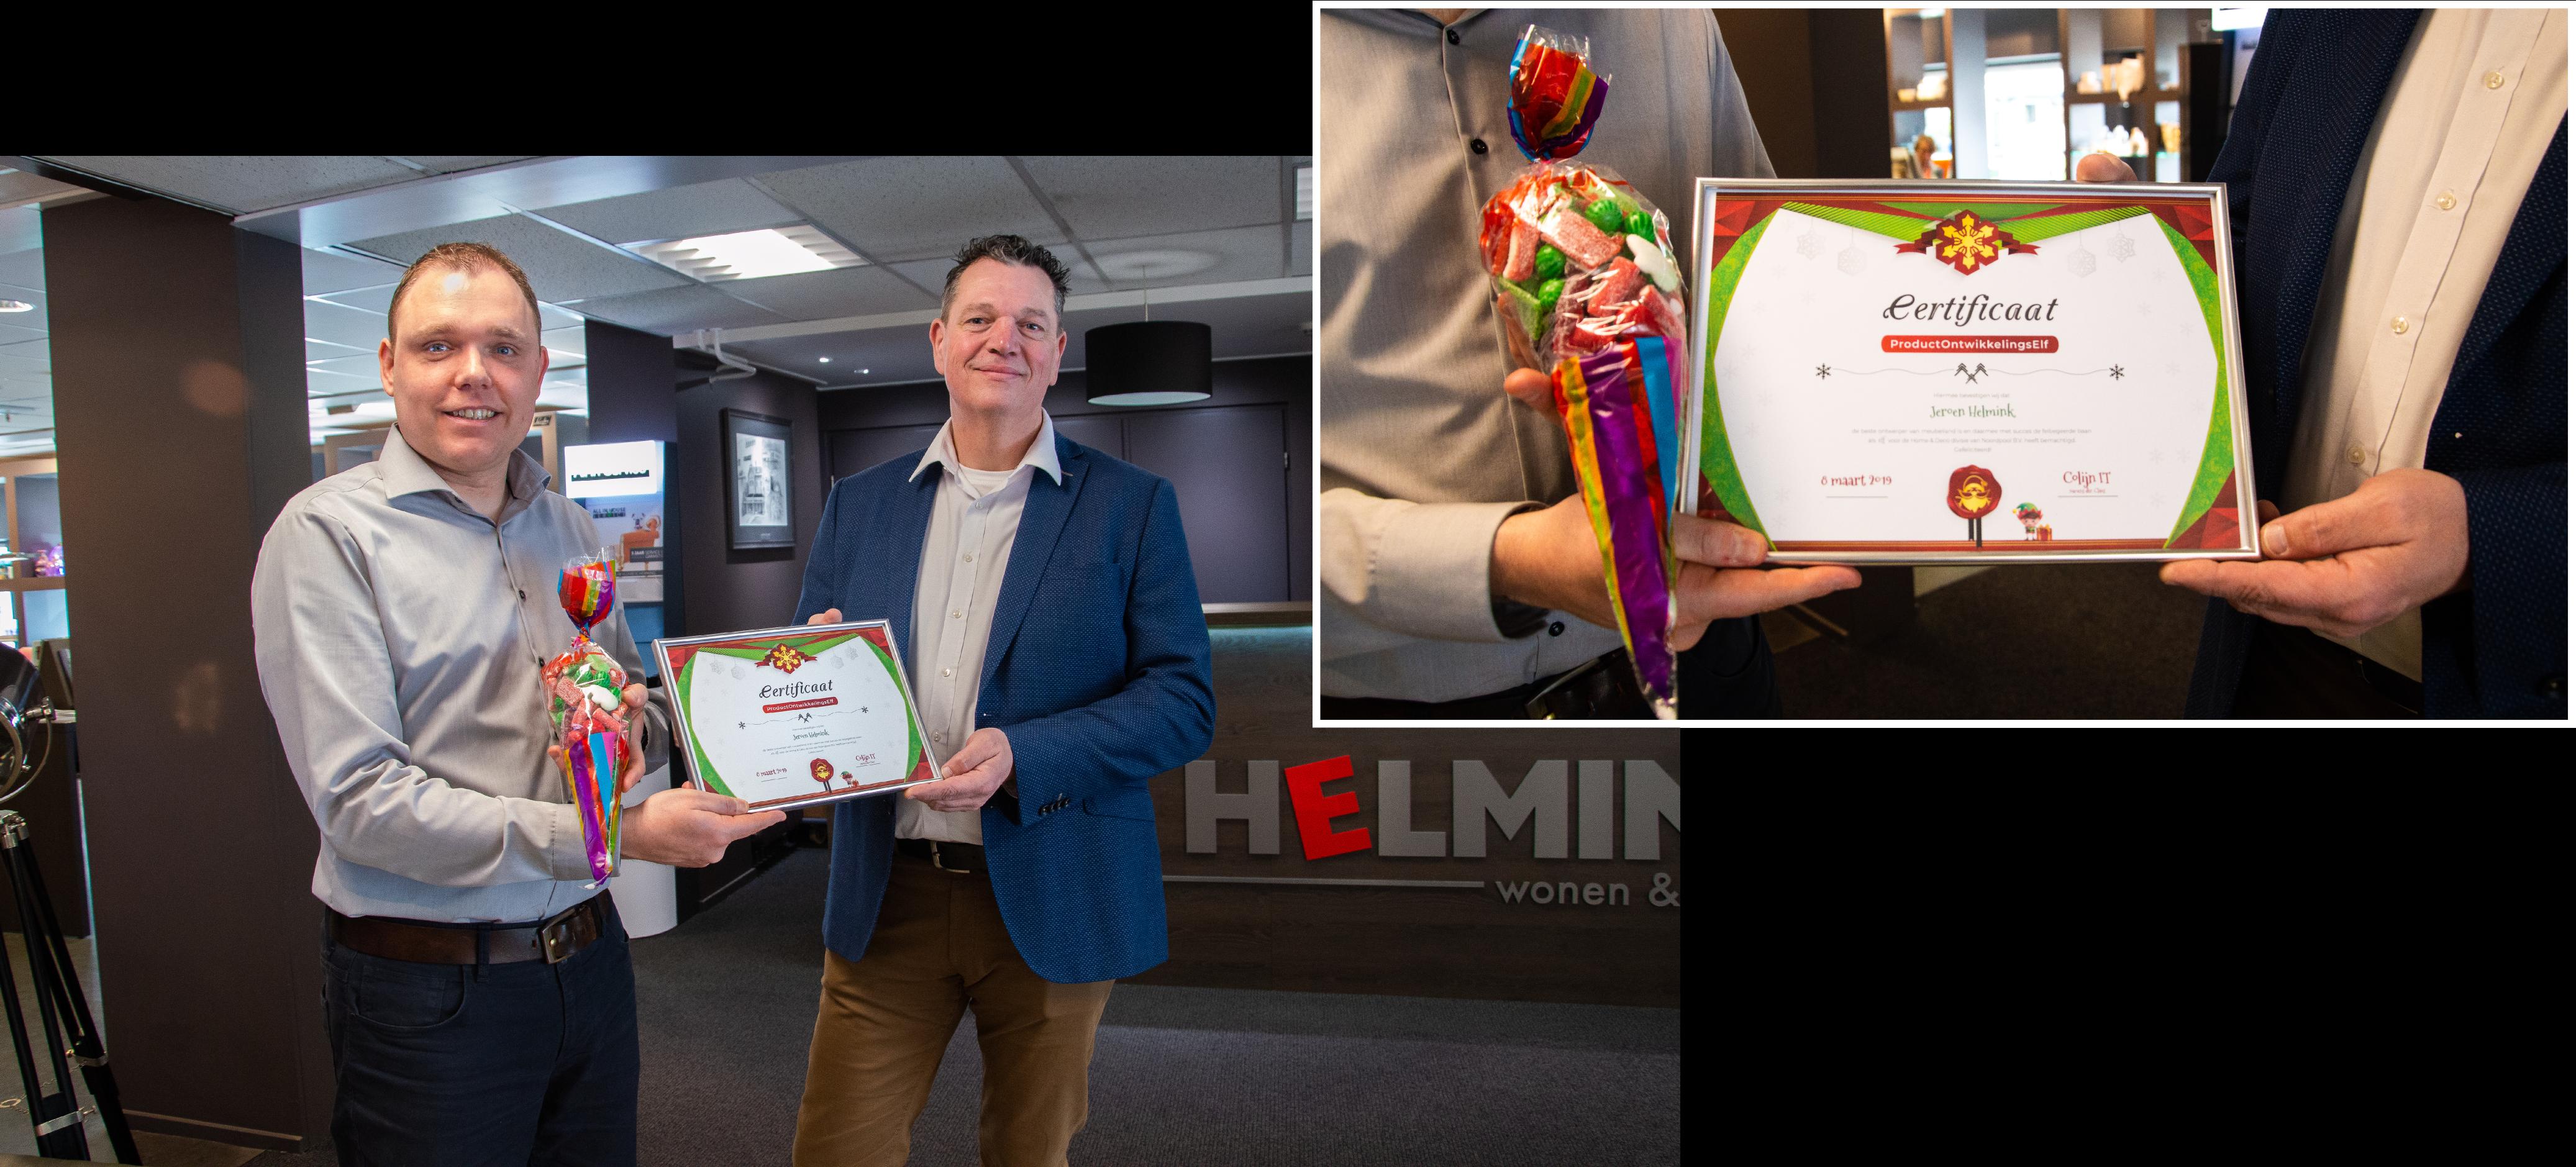 De winnaar van onze kerstactie: Jeroen Helmink